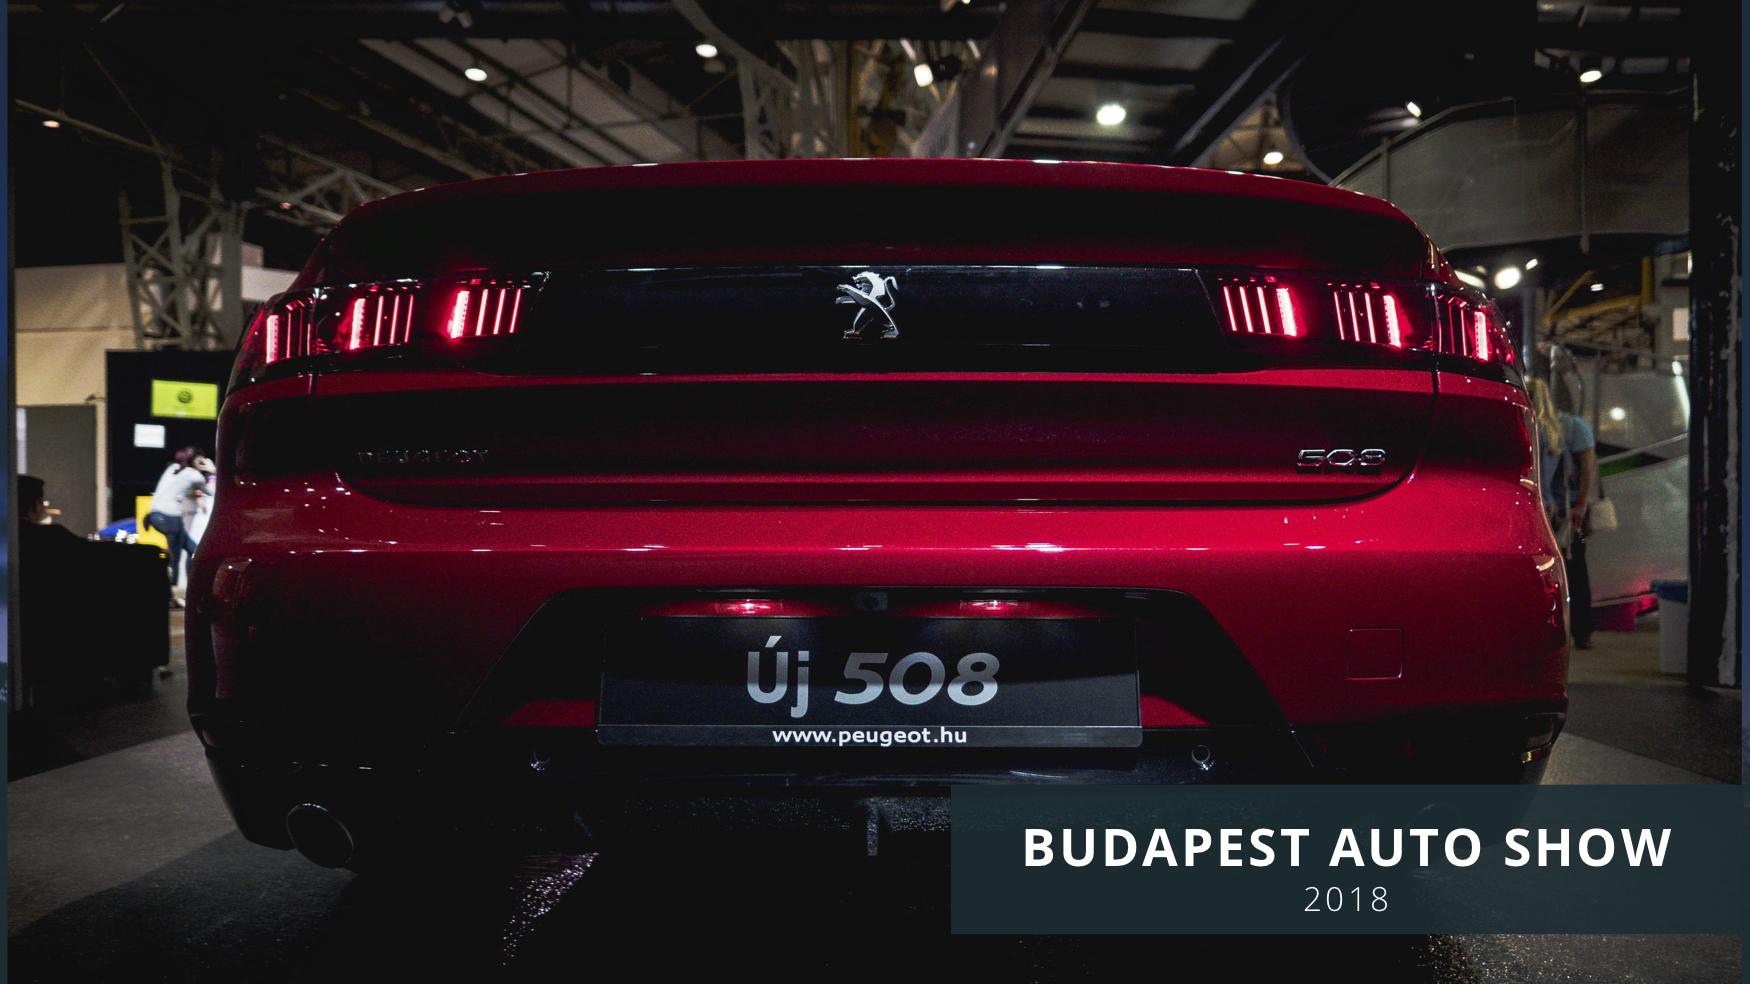 budapest_auto_show_04.jpg